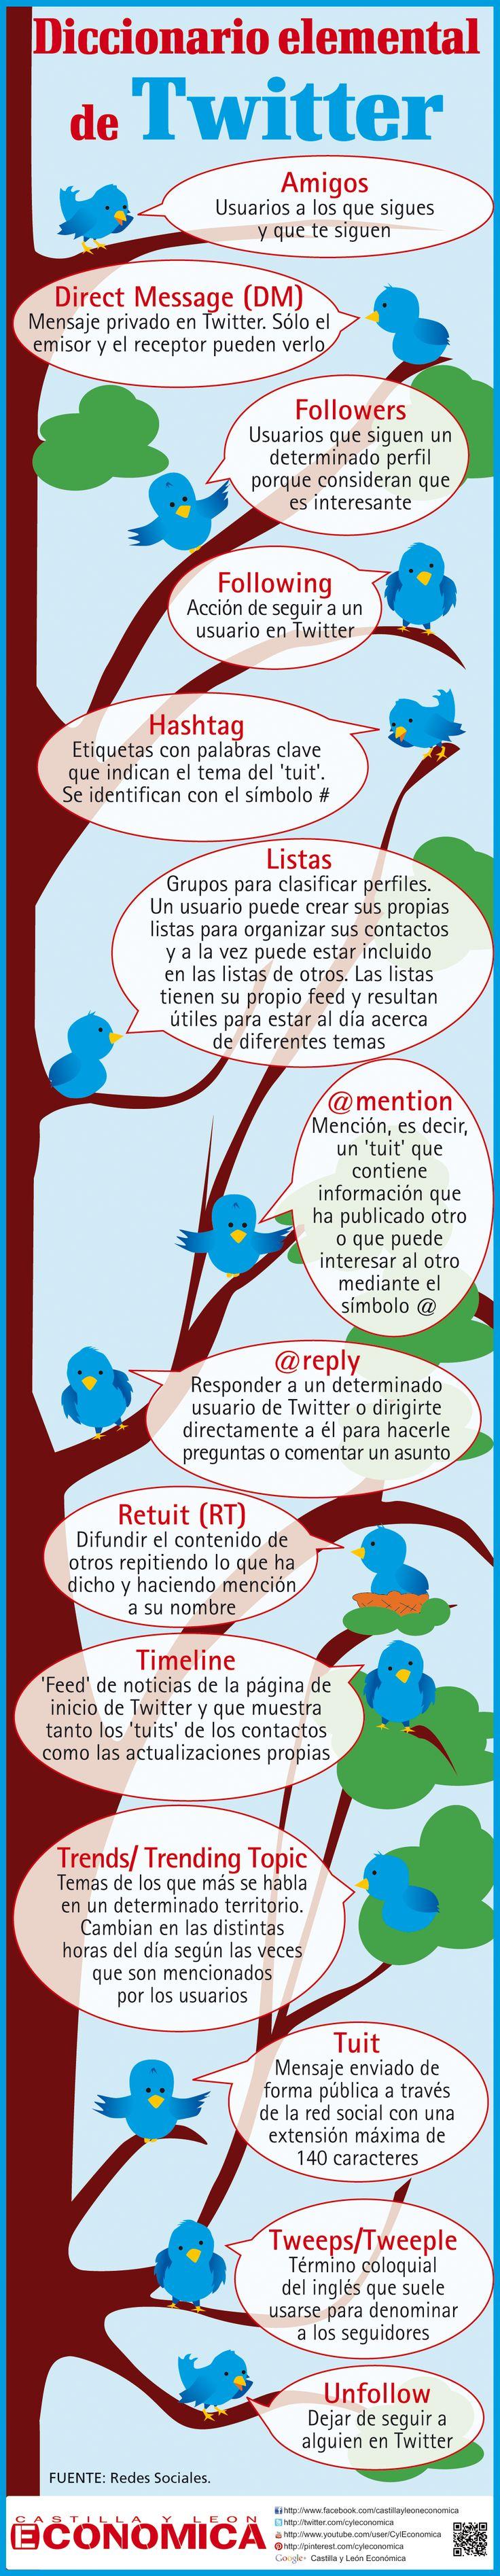 Diccionario elemental de Twitter: las principales definiciones relacionadas con esta red social